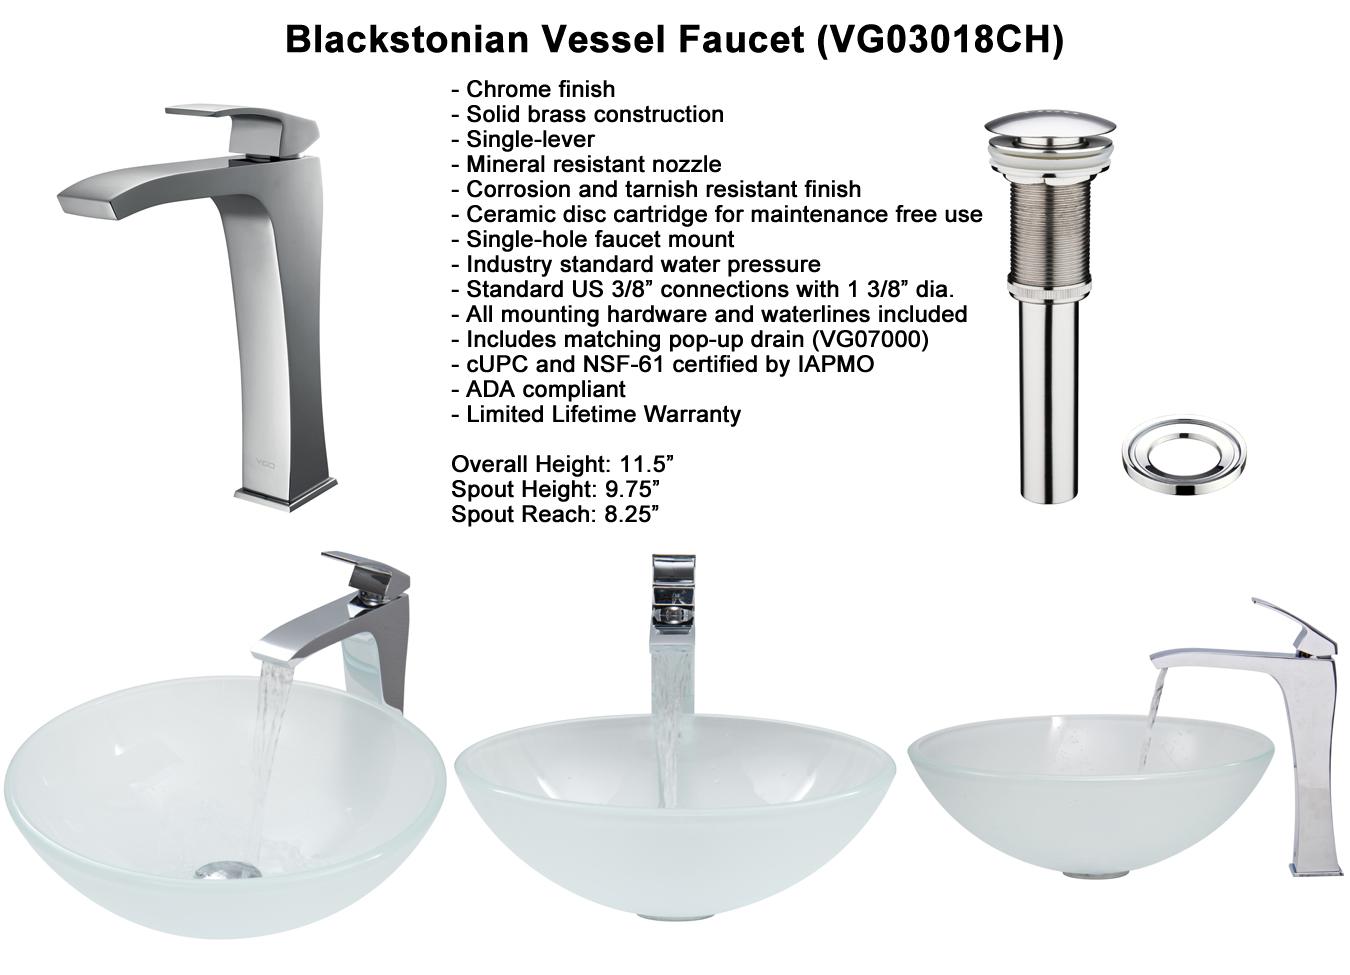 Faucet Set 4 - Blackstonian Vessel Faucet (VGT267)